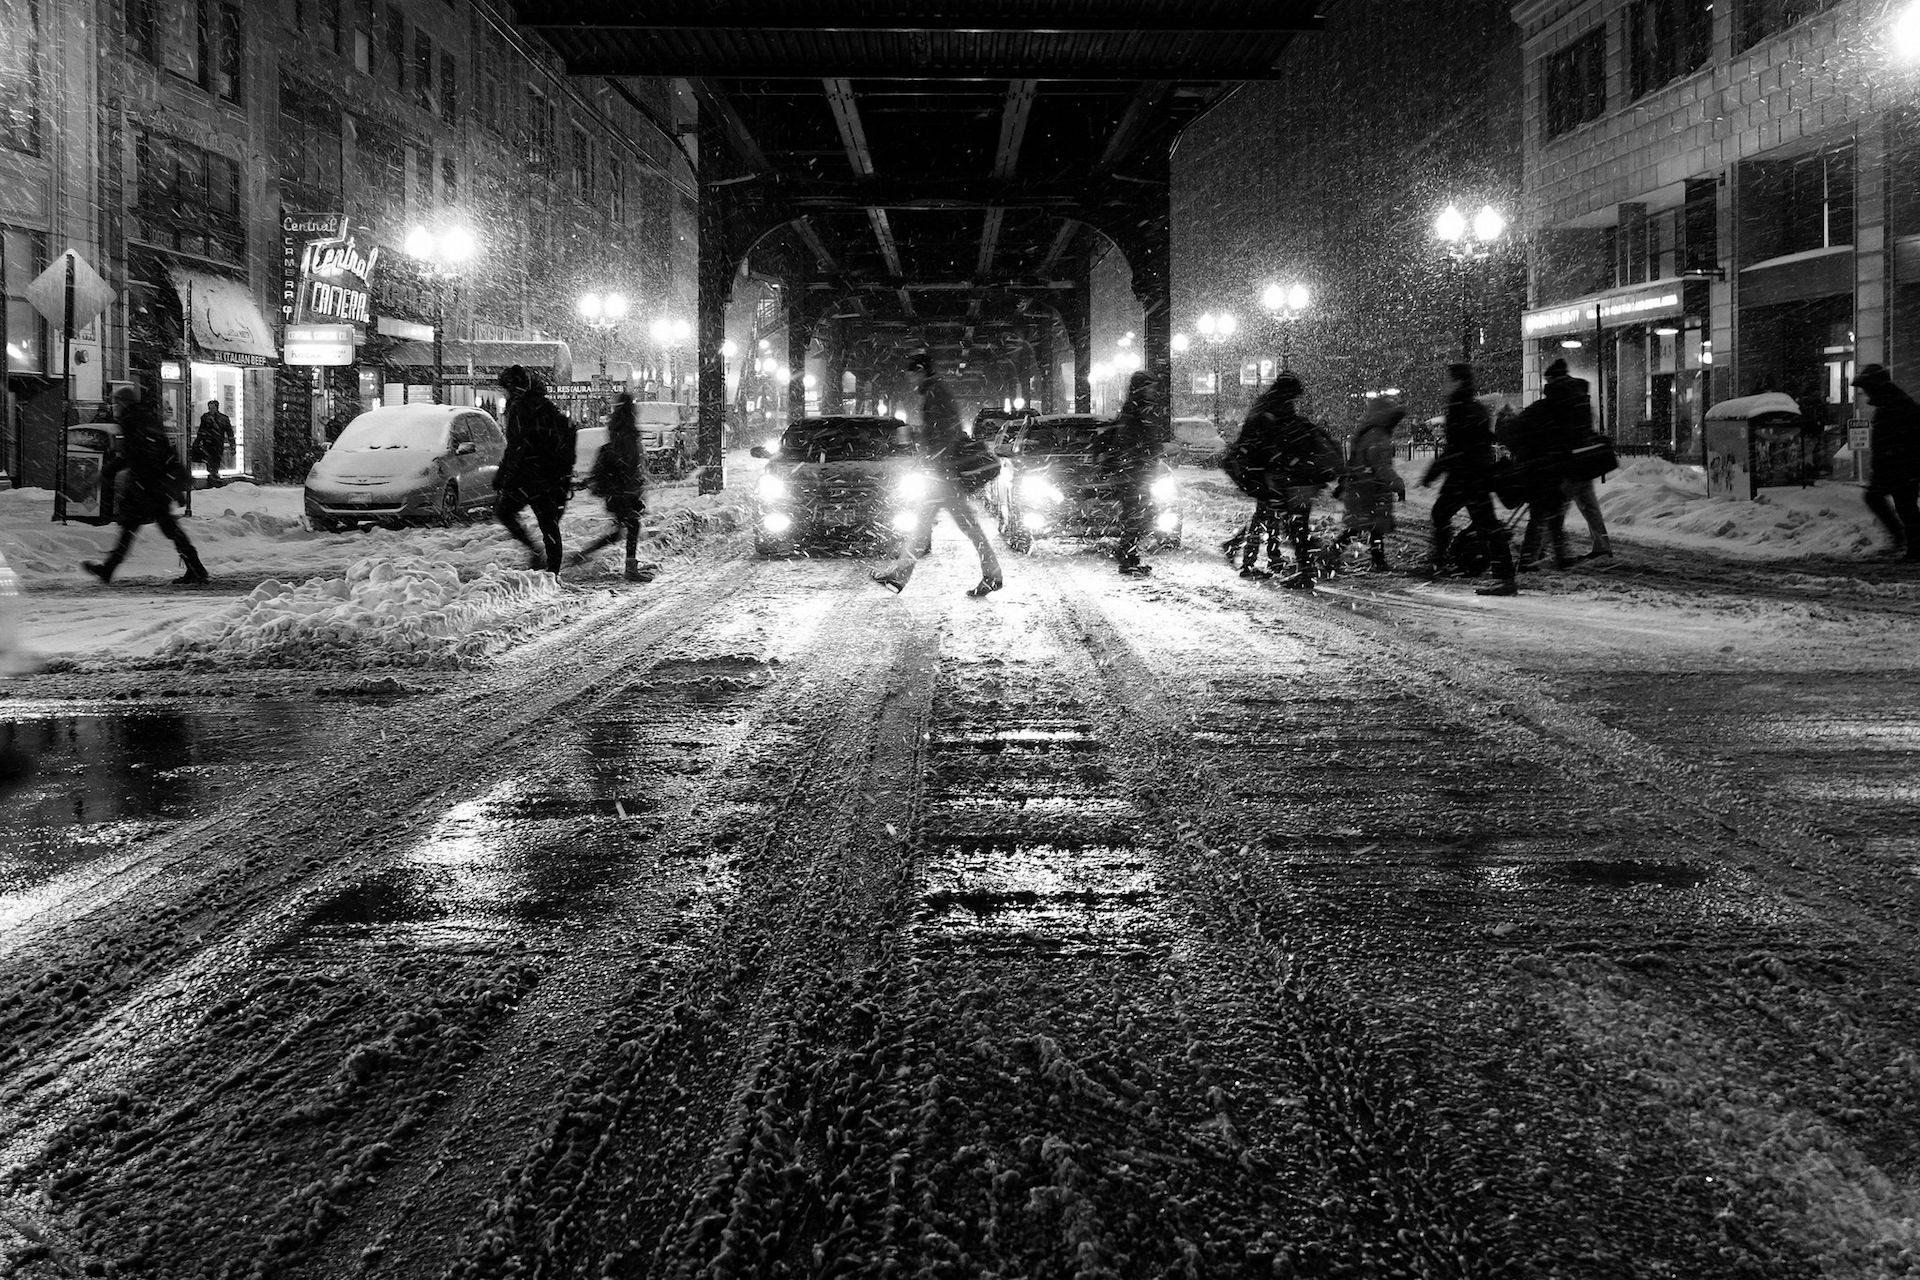 فصل الشتاء, الثلج, ليلة, أضواء, بالأبيض والأسود - خلفيات عالية الدقة - أستاذ falken.com